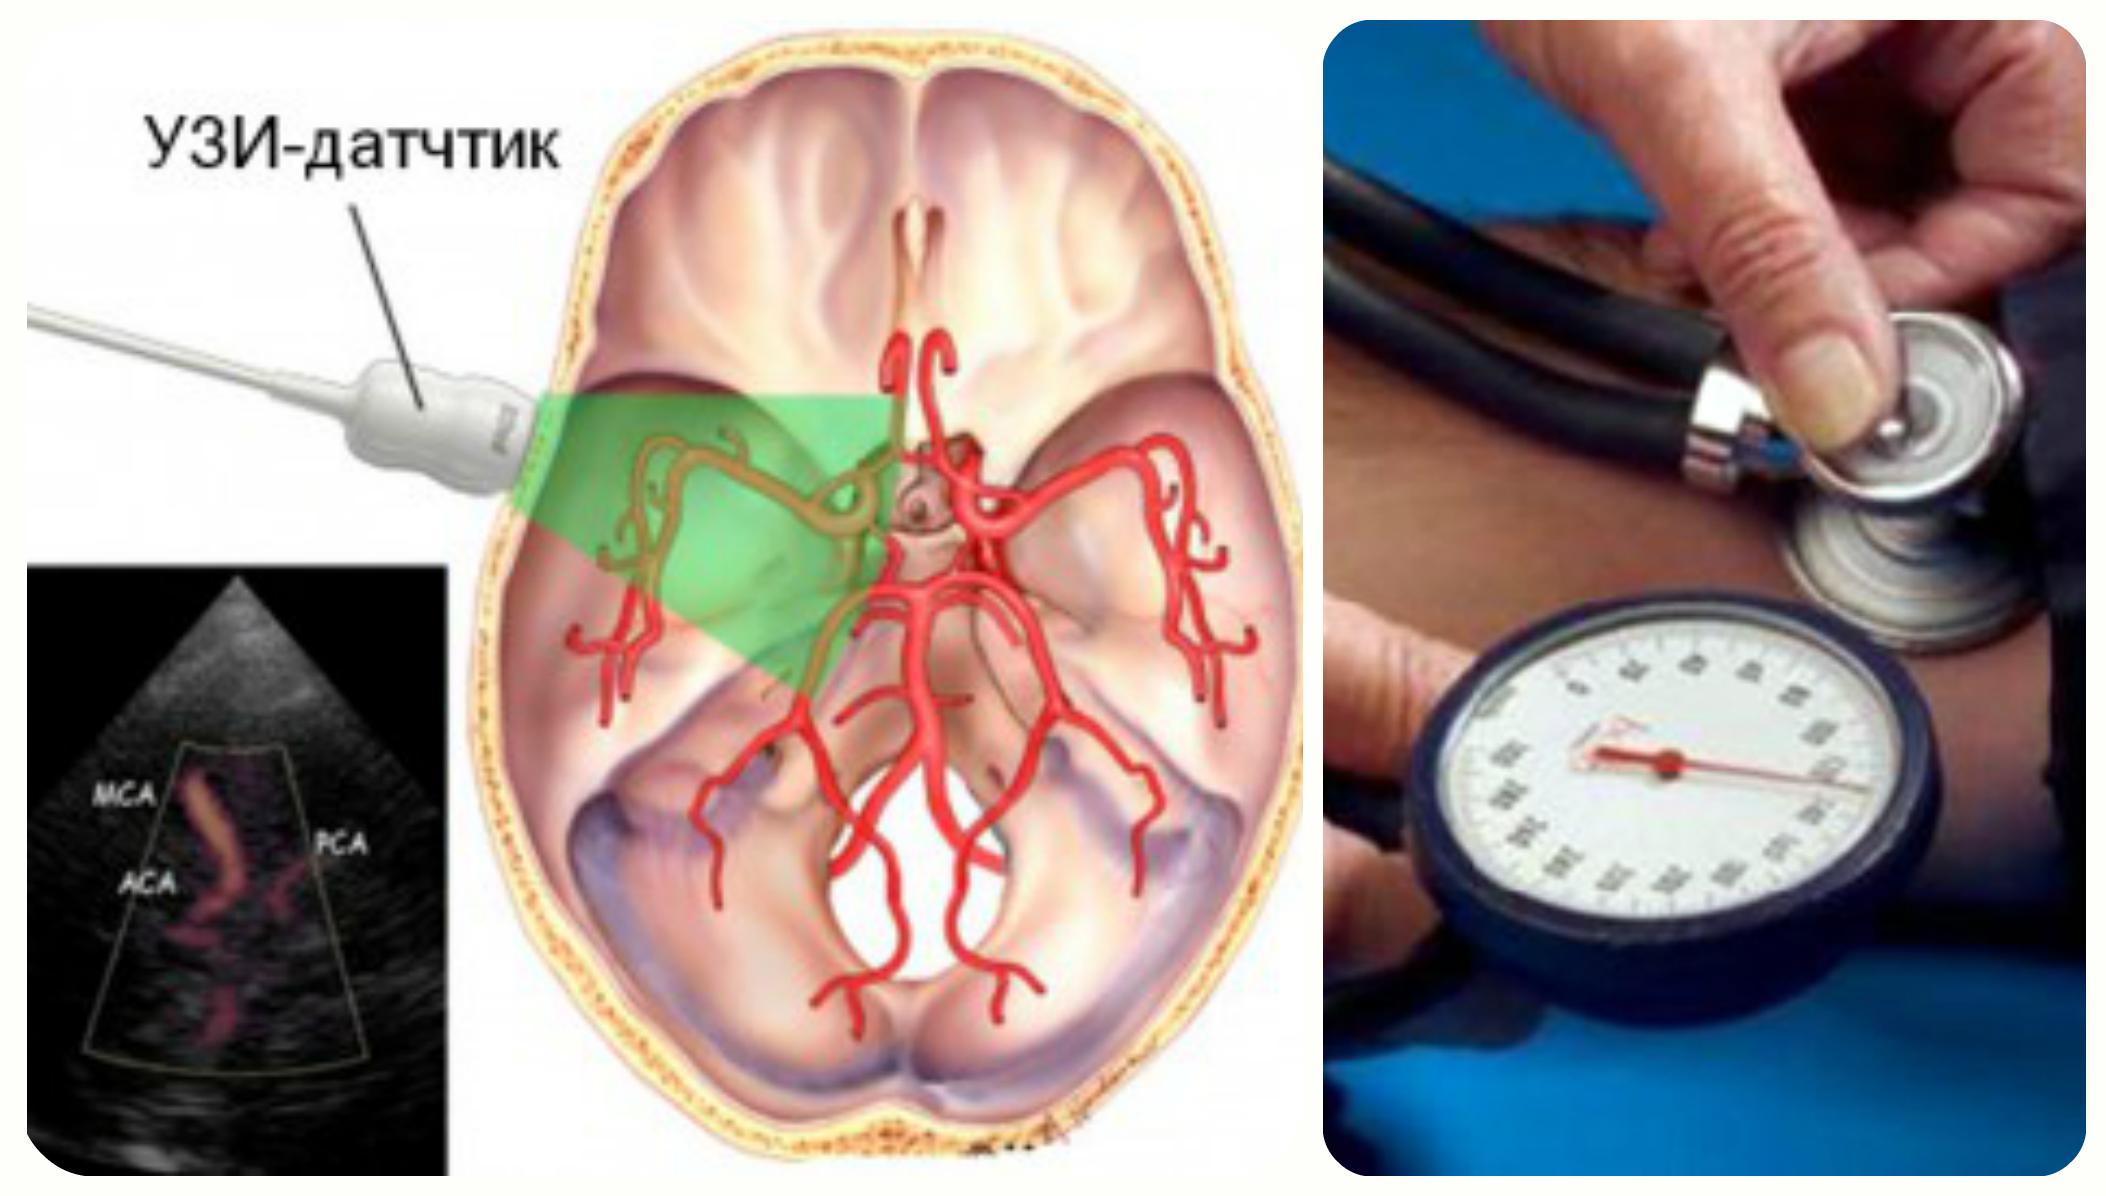 мозг и узи сосудов, измерение давления